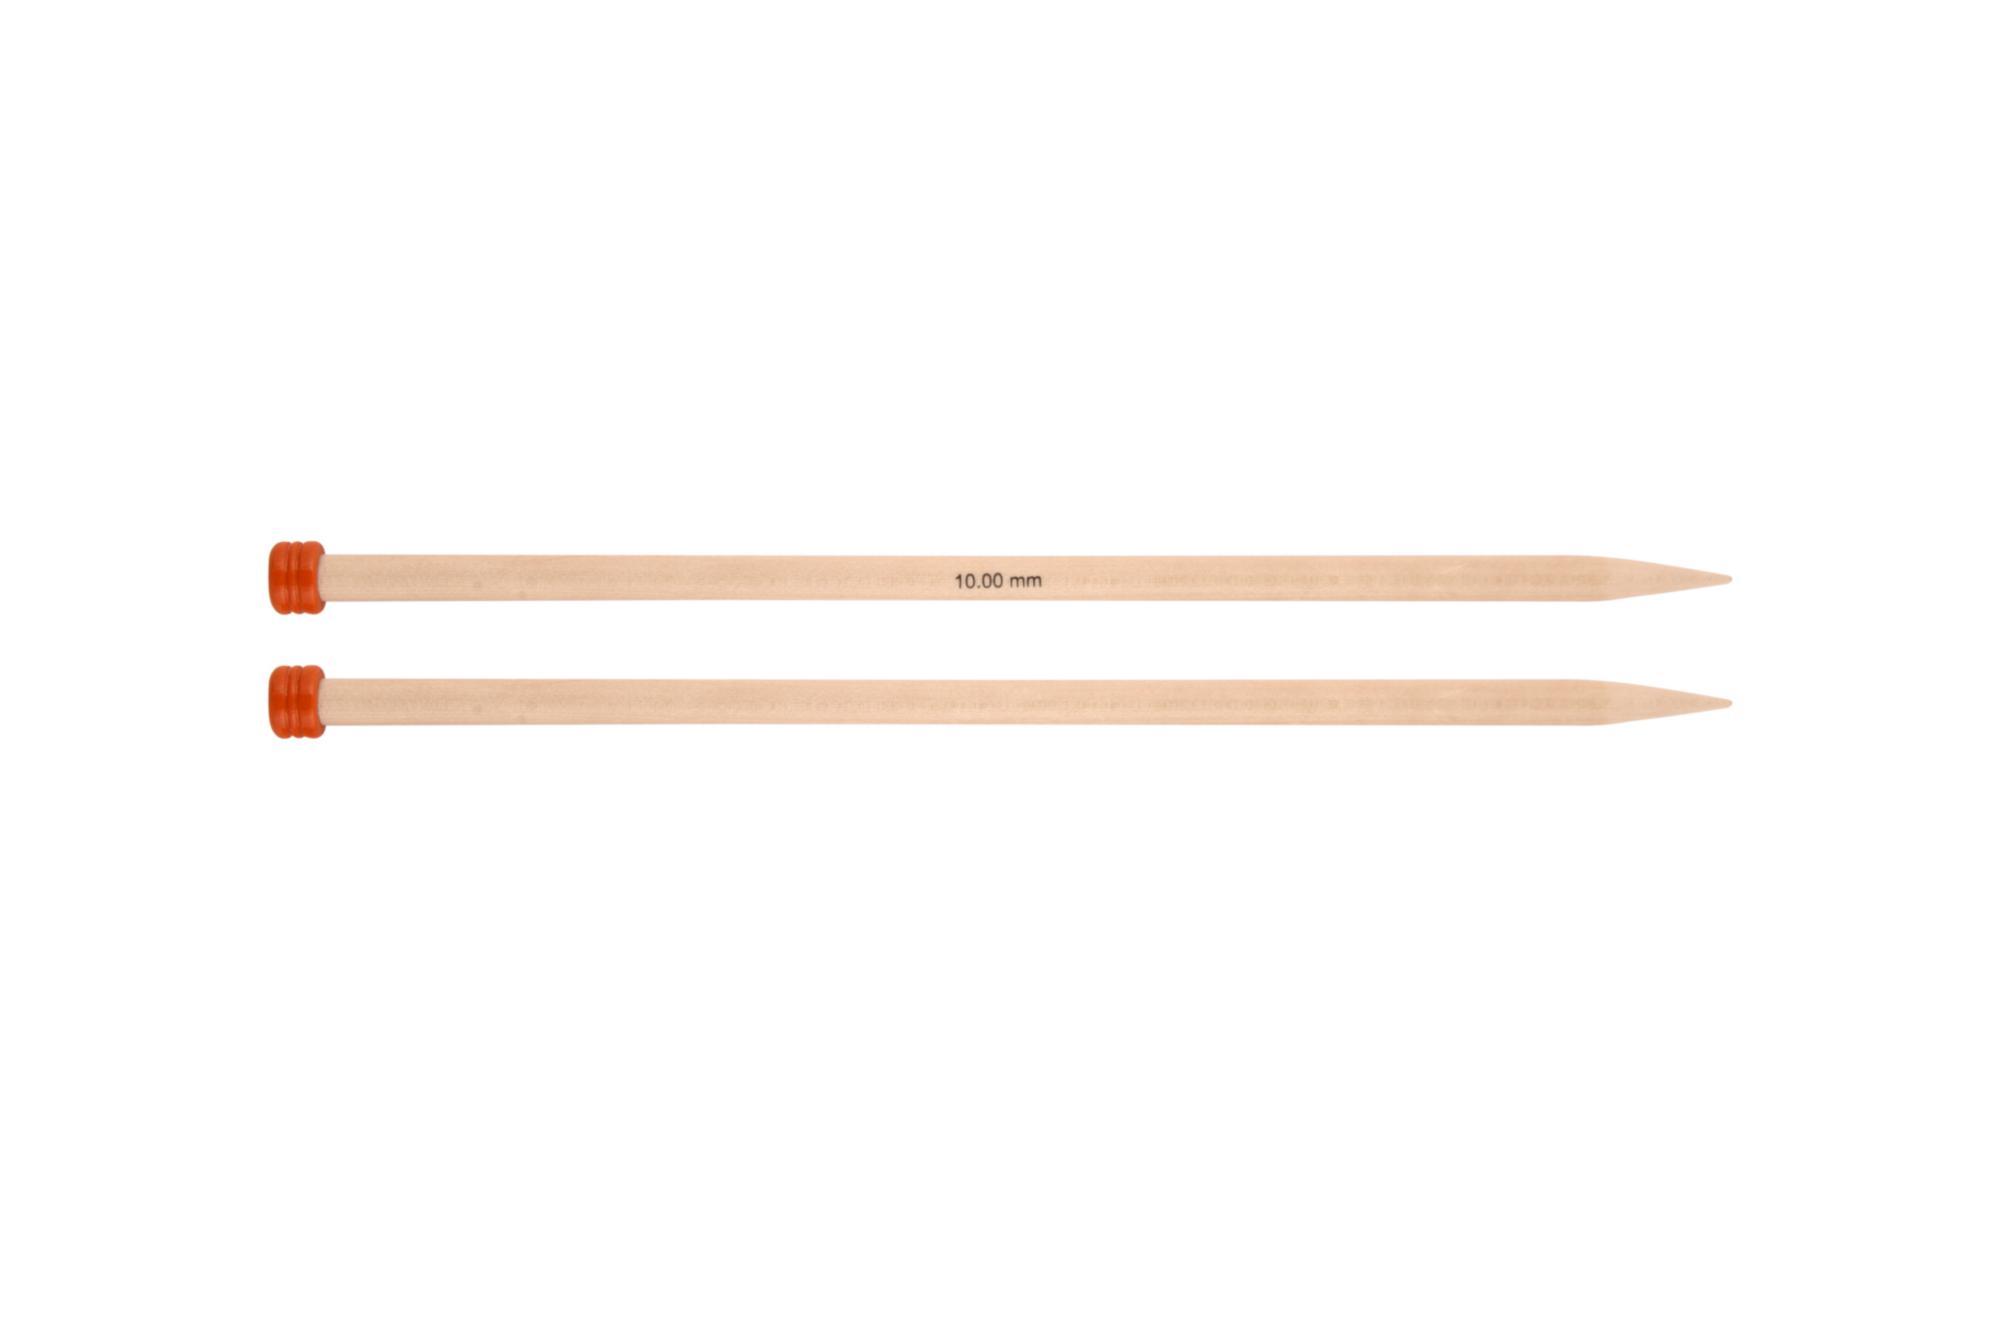 Спицы прямые 30 см Basix Birch Wood KnitPro, 35250, 9.00 мм